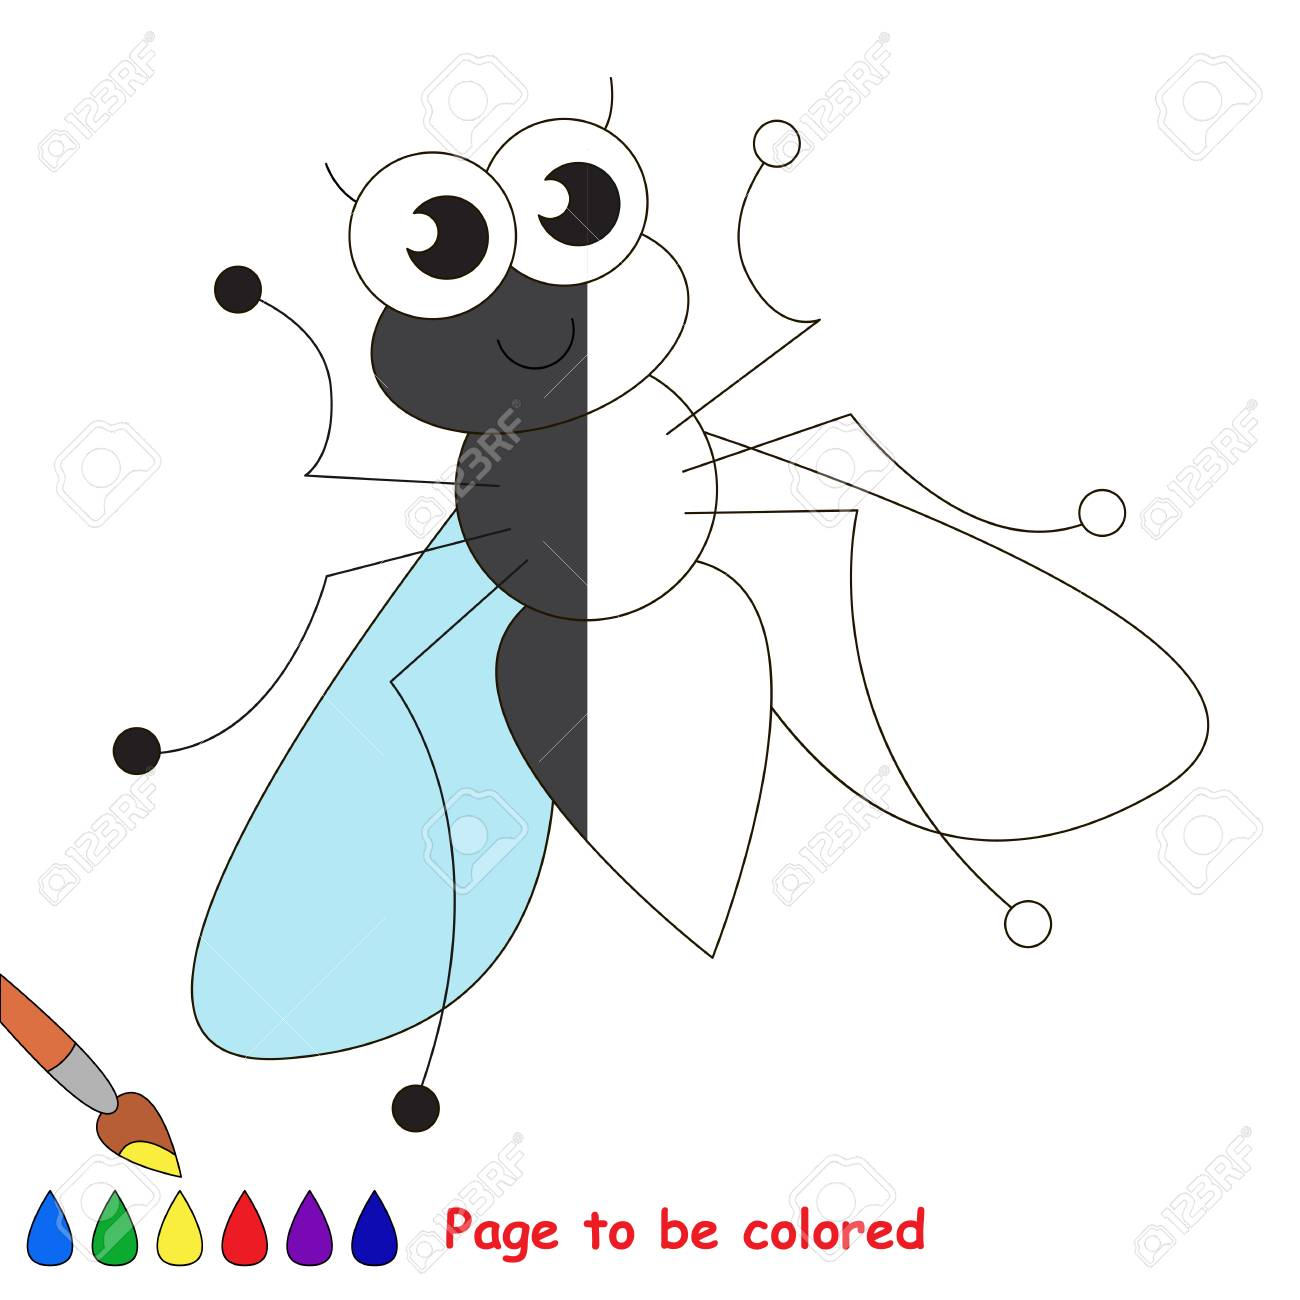 Imagenes Lindas Para Dibujar Faciles Imagesacolorierwebsite